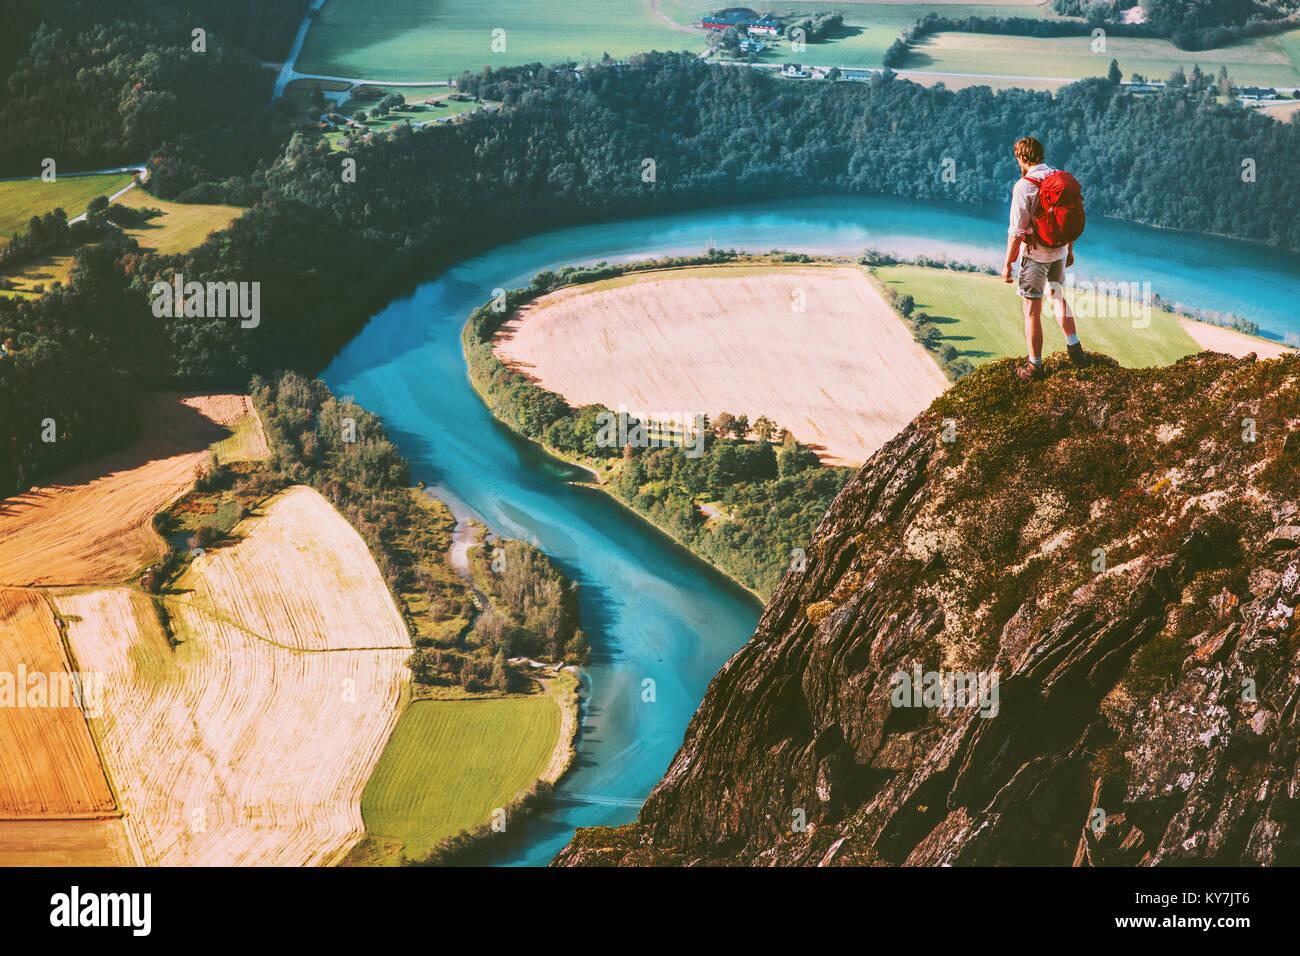 L'homme voyage sur les montagnes de colline avec sac à dos style Aventure concept active week-end Vacances Photo Stock